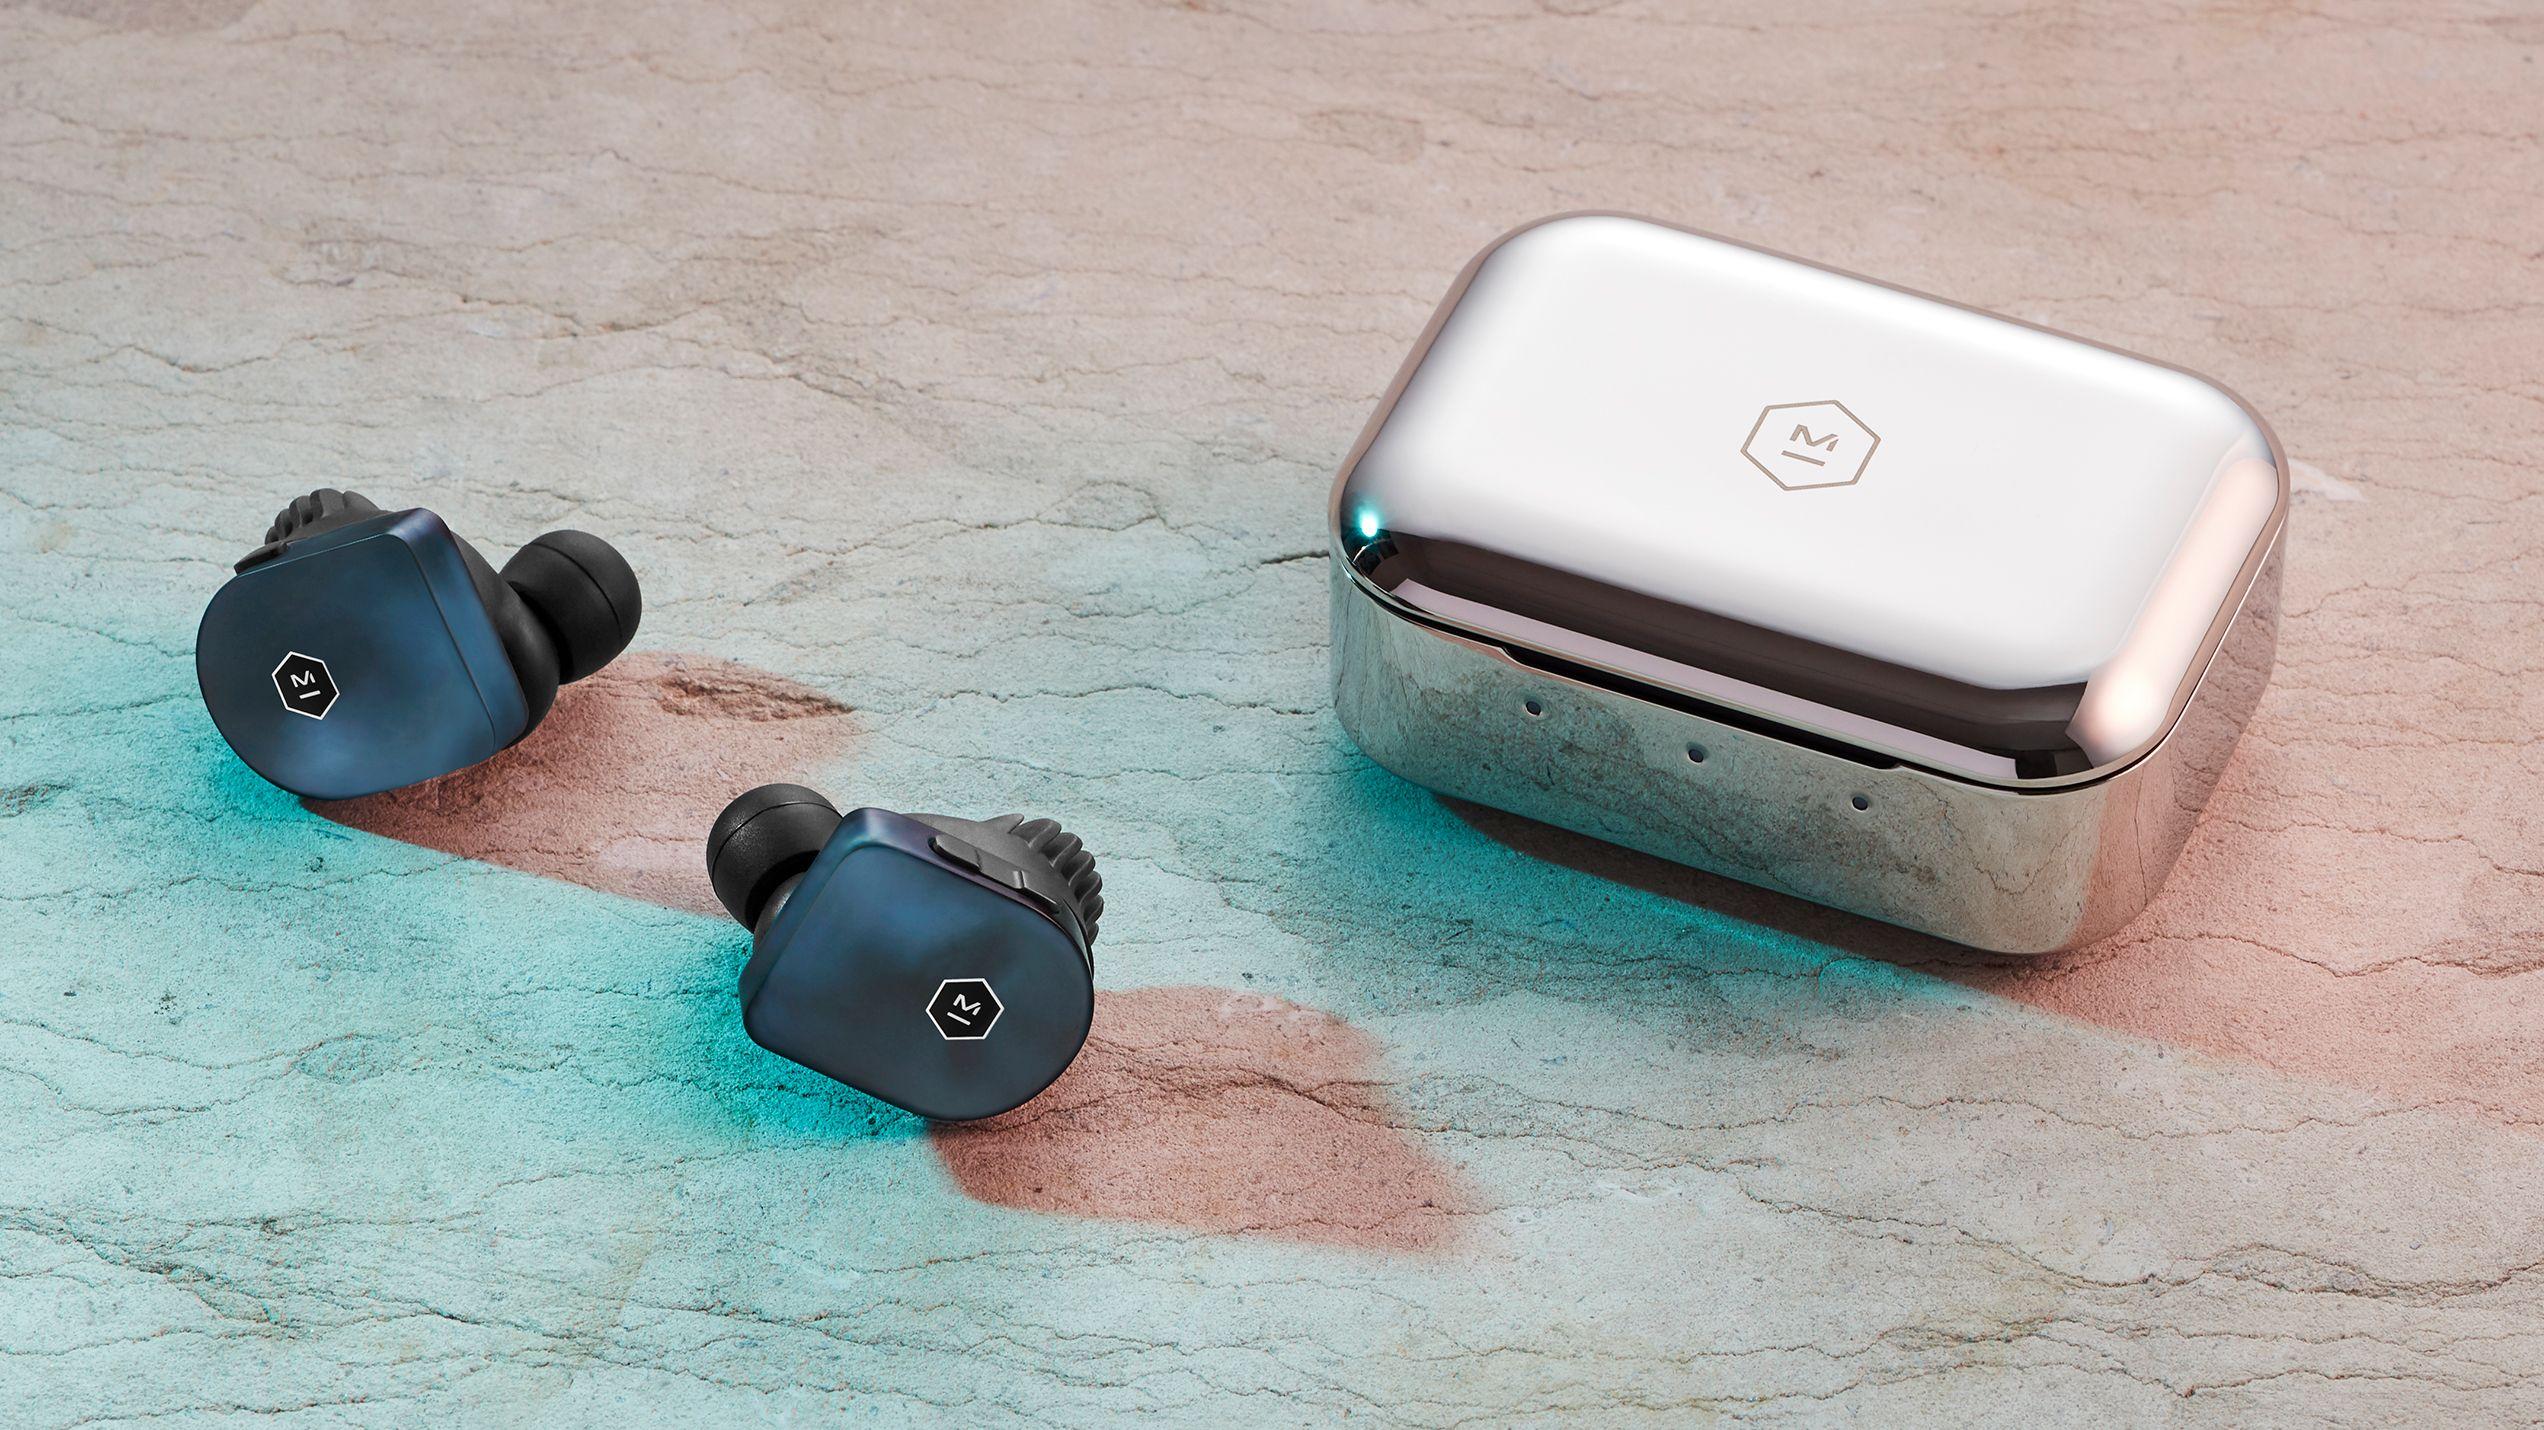 ed70372bee8 10 Best Wireless Earbuds of 2019 - Truly Wireless Earbud & Earphone Reviews